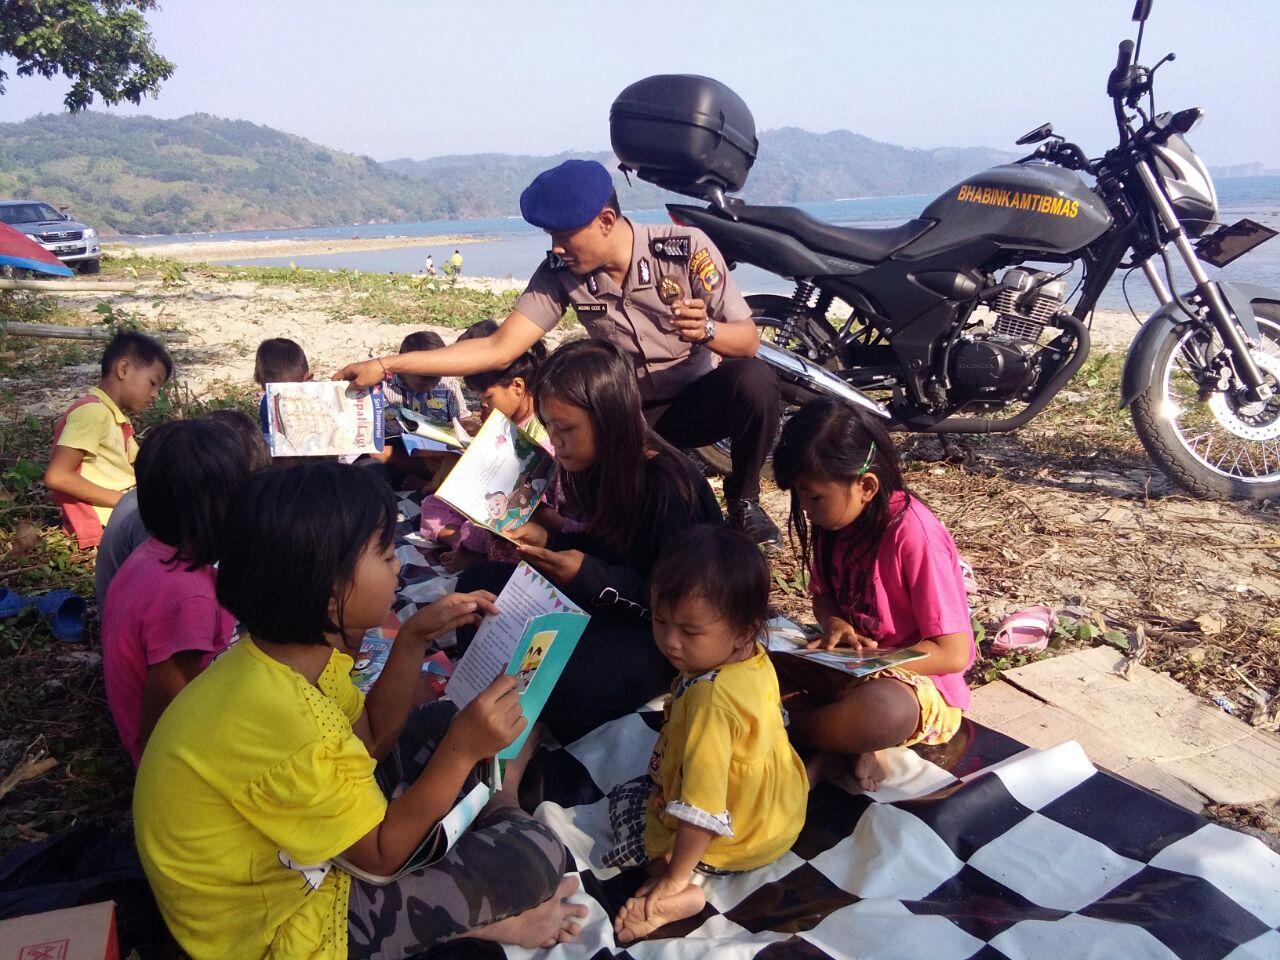 LAMPUNG POST |  Melihat Anak Pesisir Membaca Buku, Kebahagiaan bagi Anggota Polair Ini